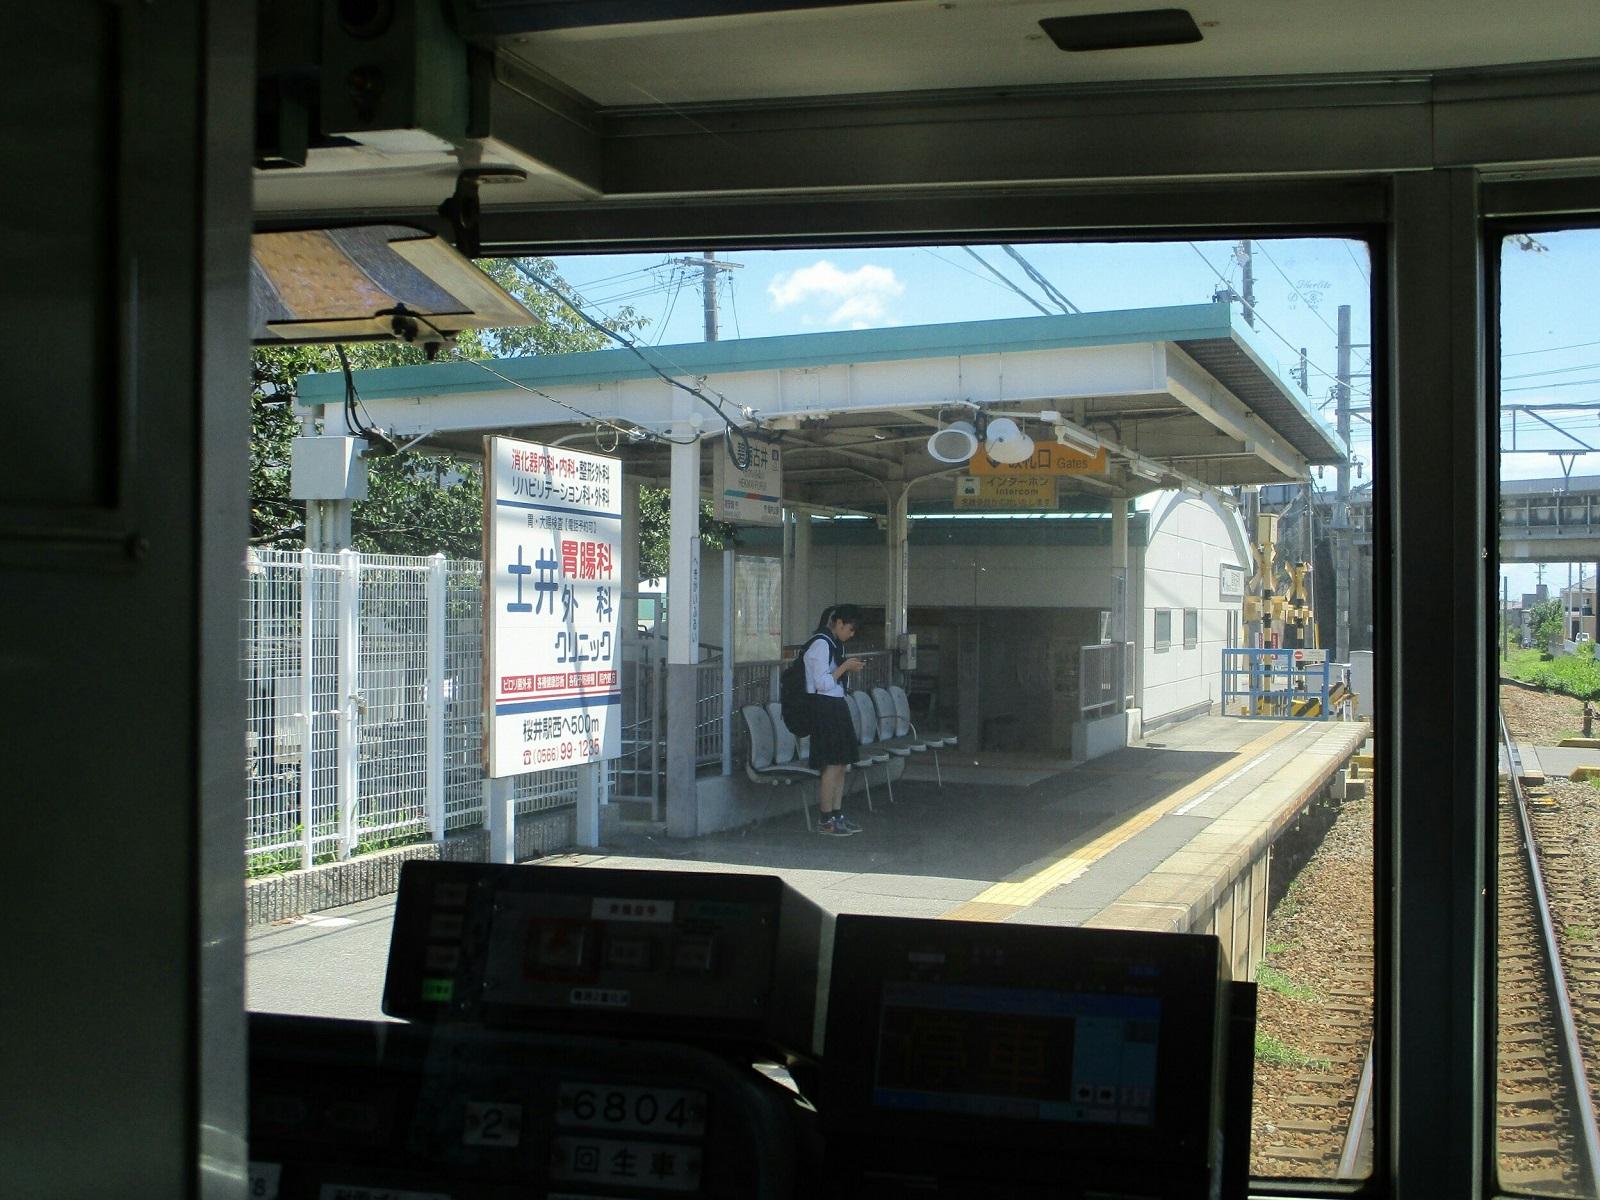 2018.7.31 (28) 西尾いきふつう - 古井 1600-1200